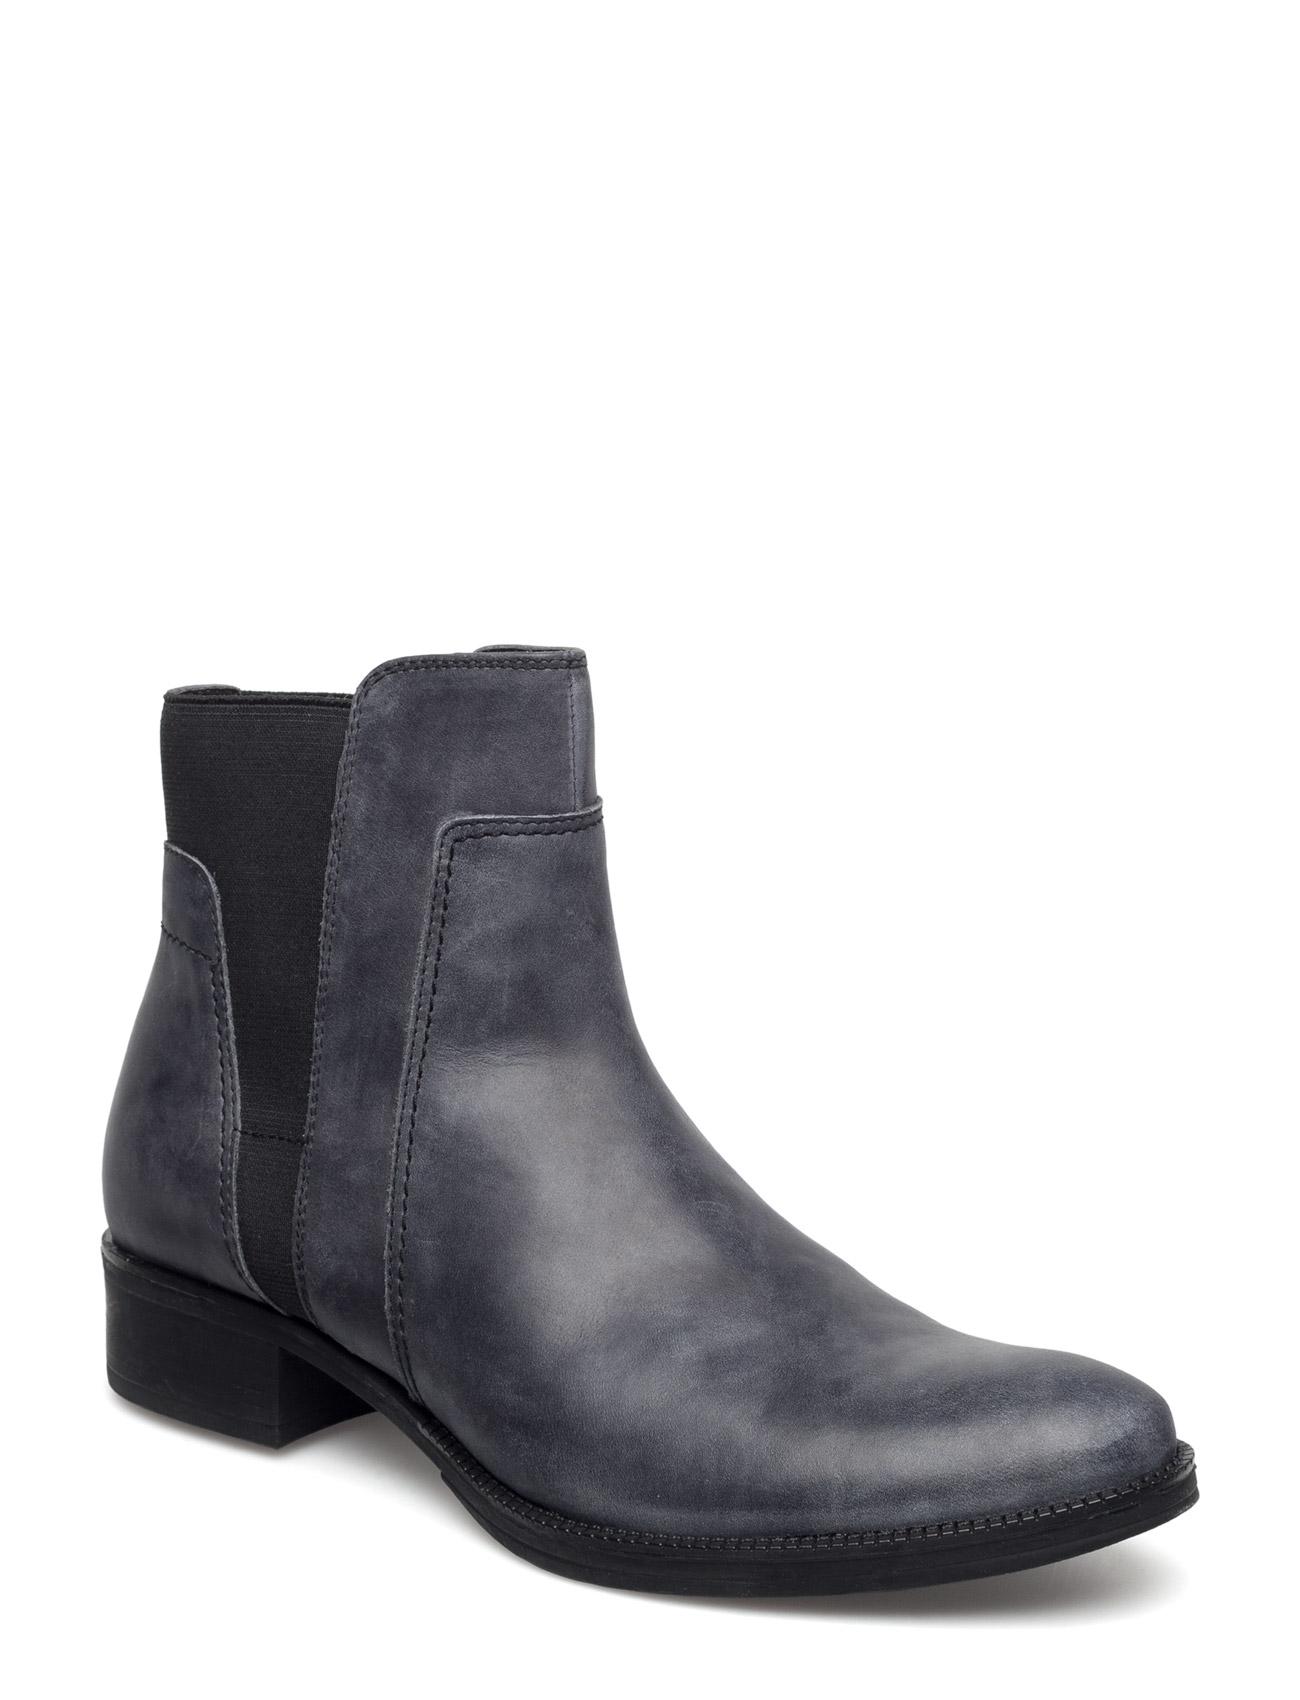 D Mendi Stivali GEOX Støvler til Damer i